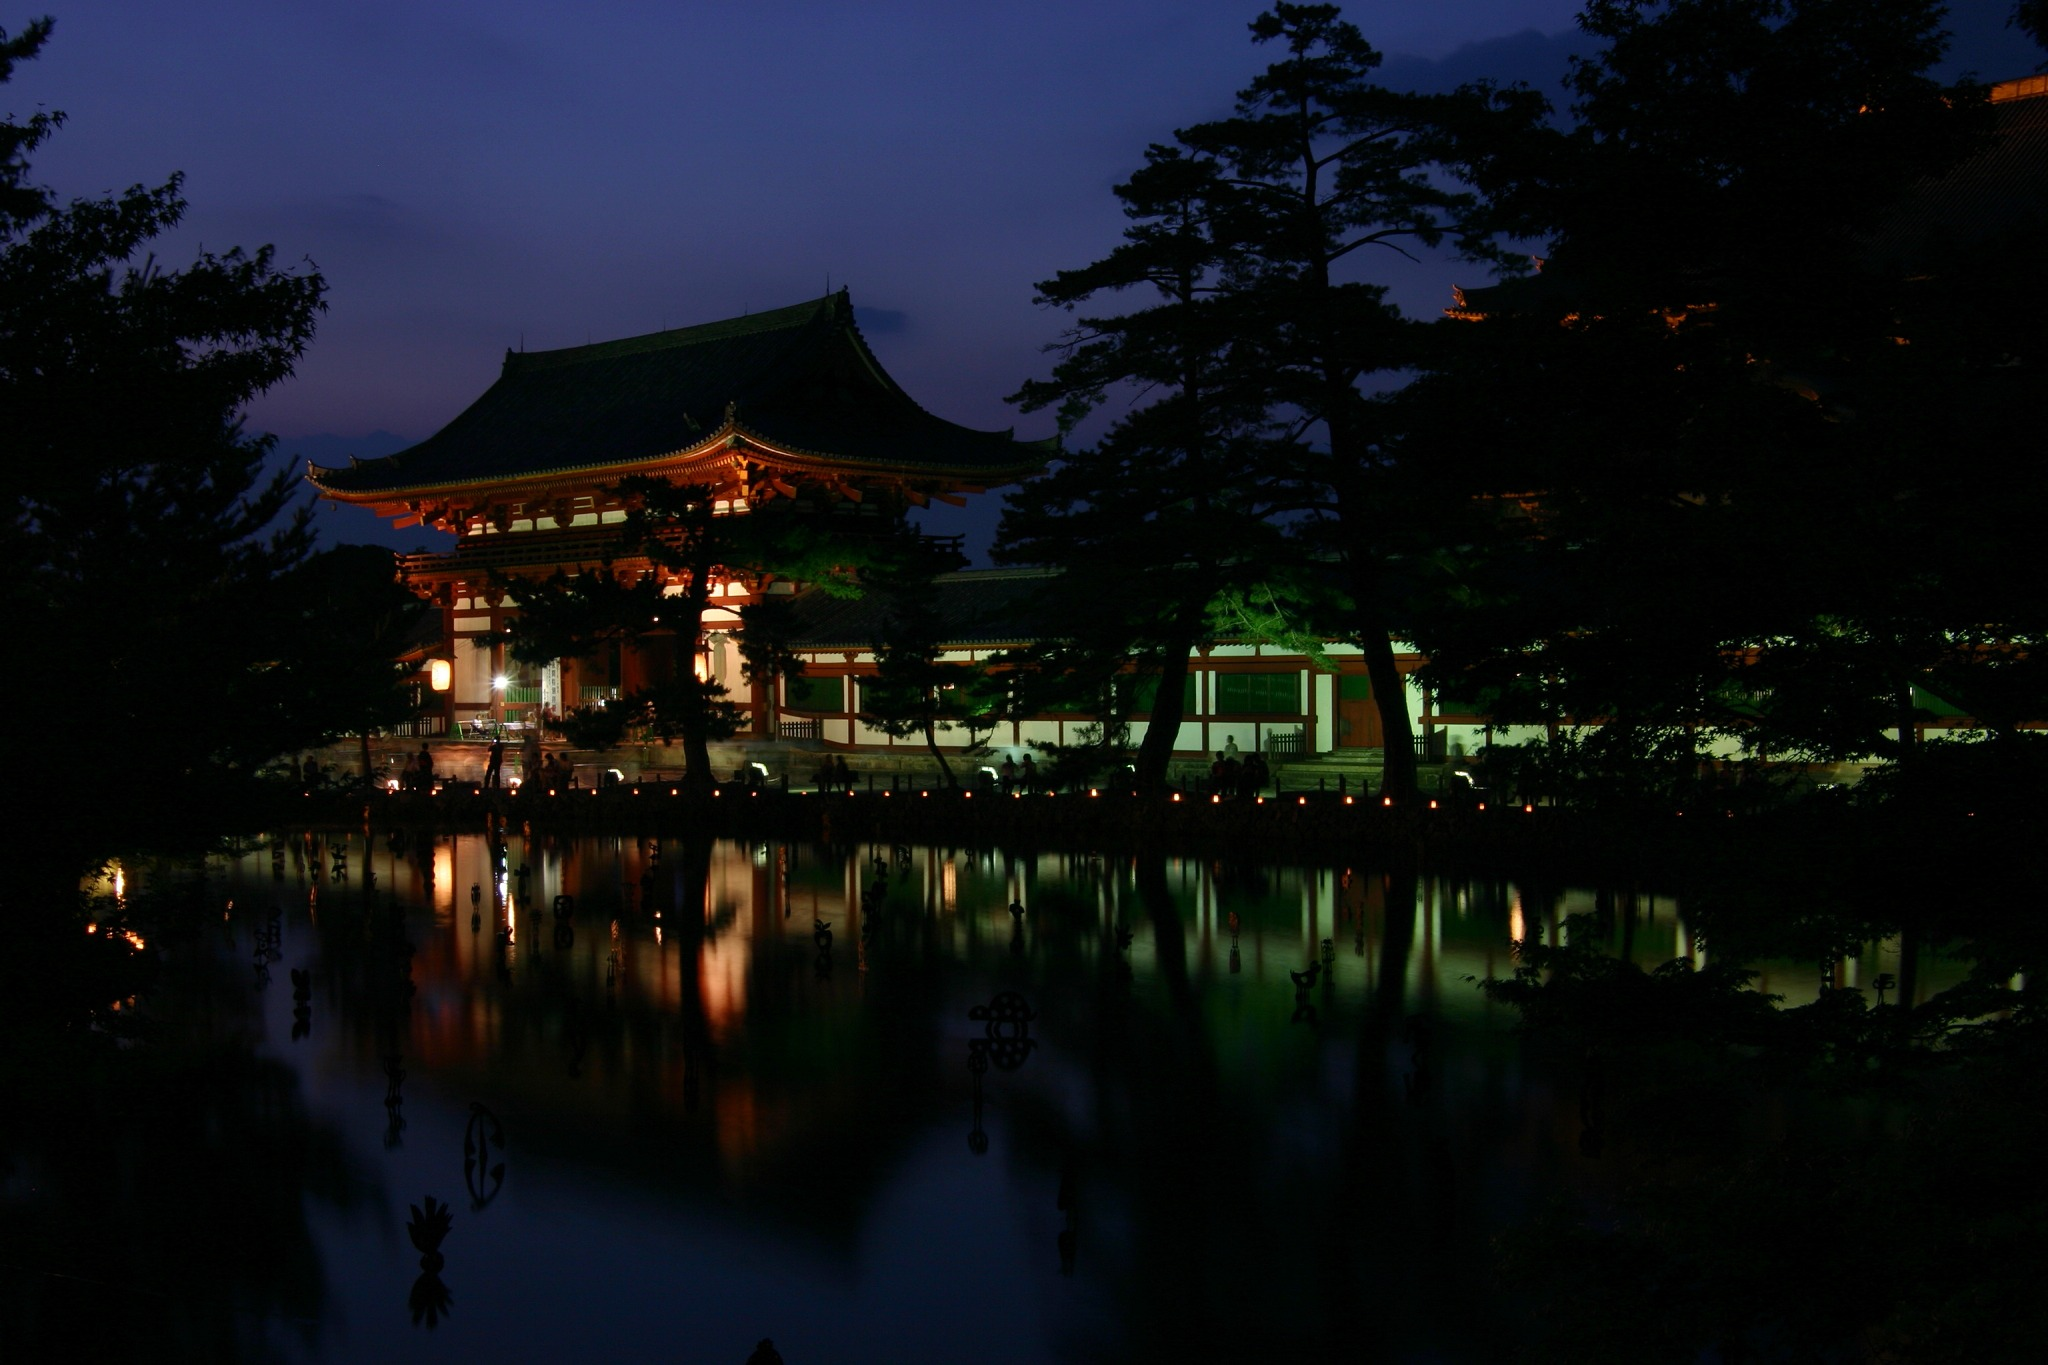 ライトアップ期間の東大寺大仏殿の中門